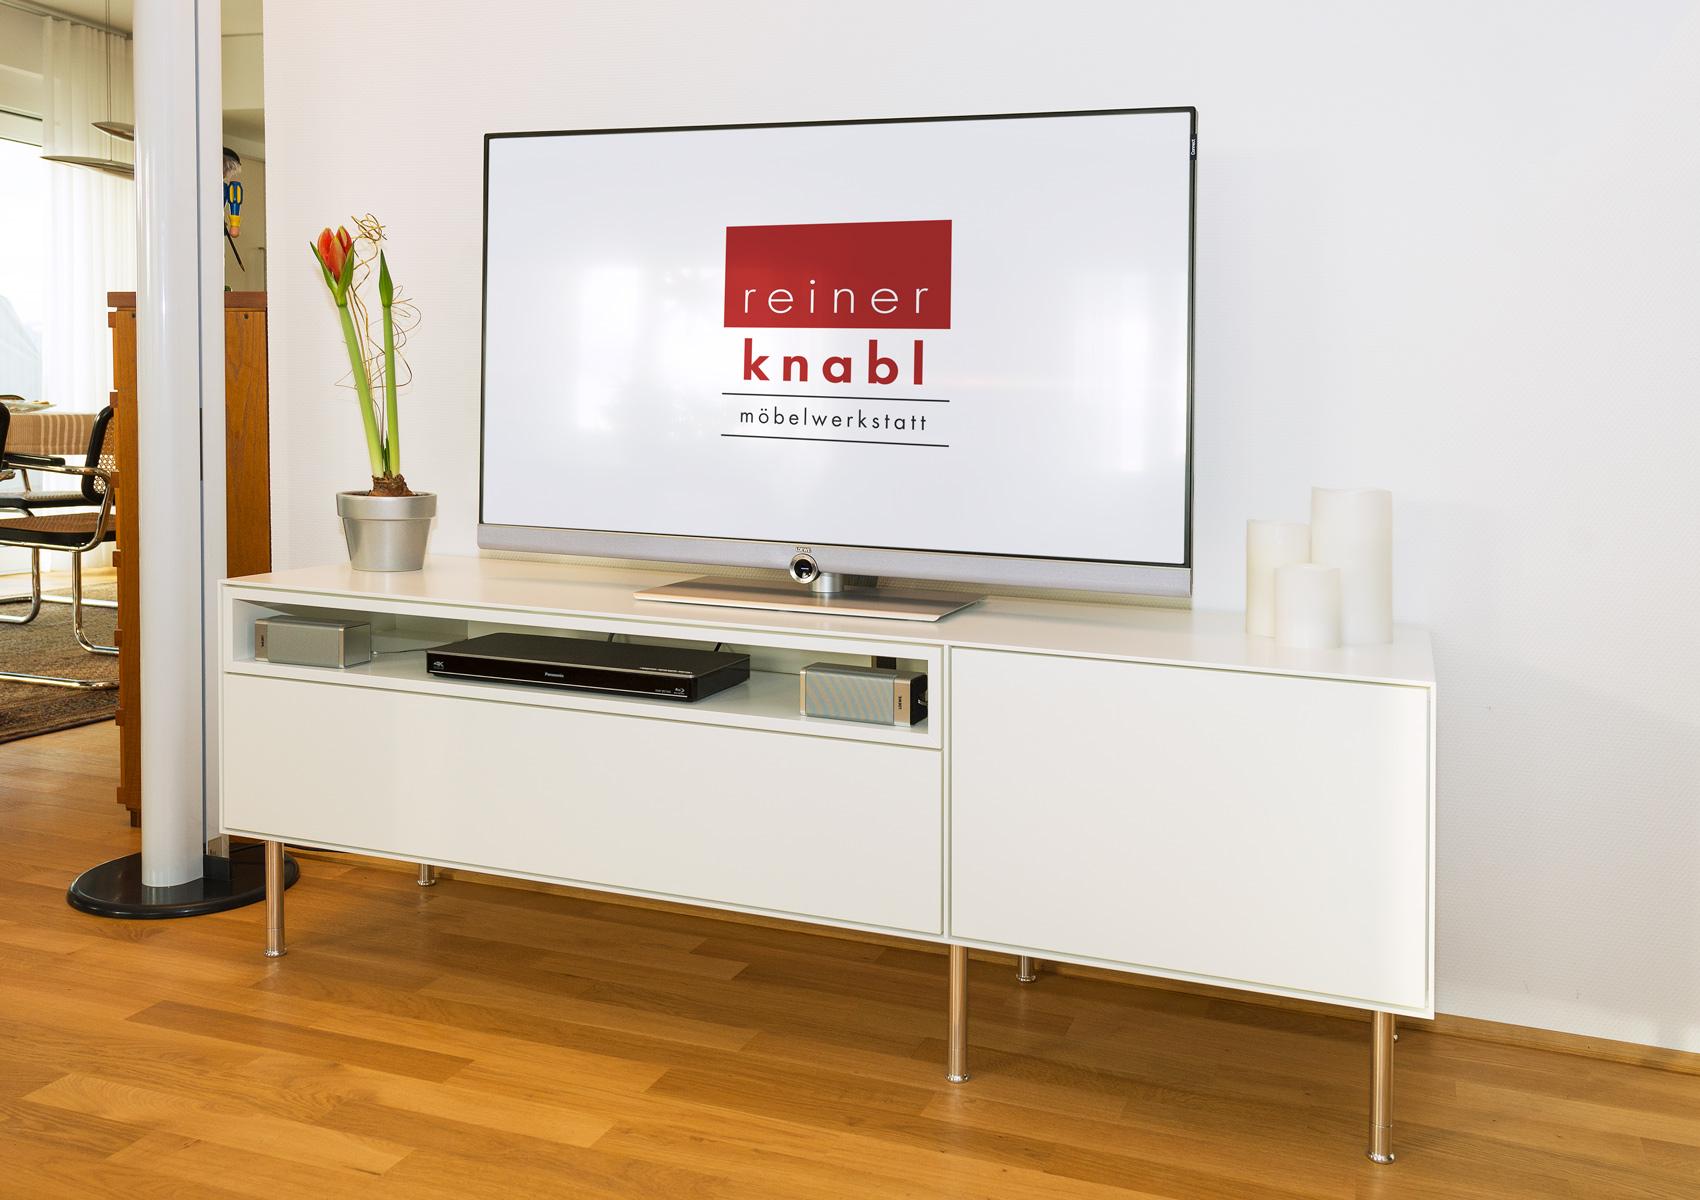 schrankwand als tv und phonom bel reiner knabl m belwerkstatt. Black Bedroom Furniture Sets. Home Design Ideas